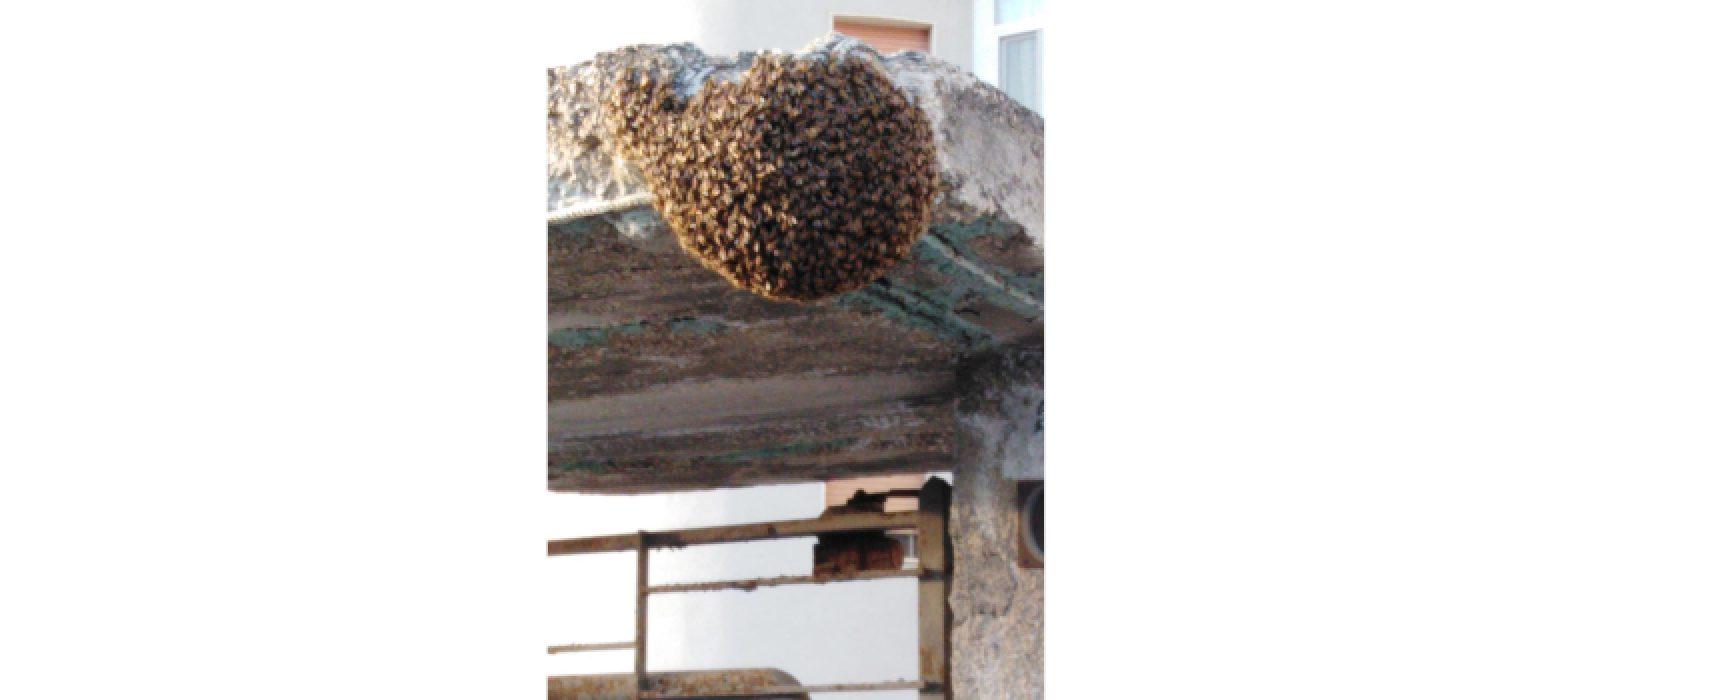 Alveare di api crea panico in via Fondo Noce, interviene Polizia Locale con apicoltore / VIDEO